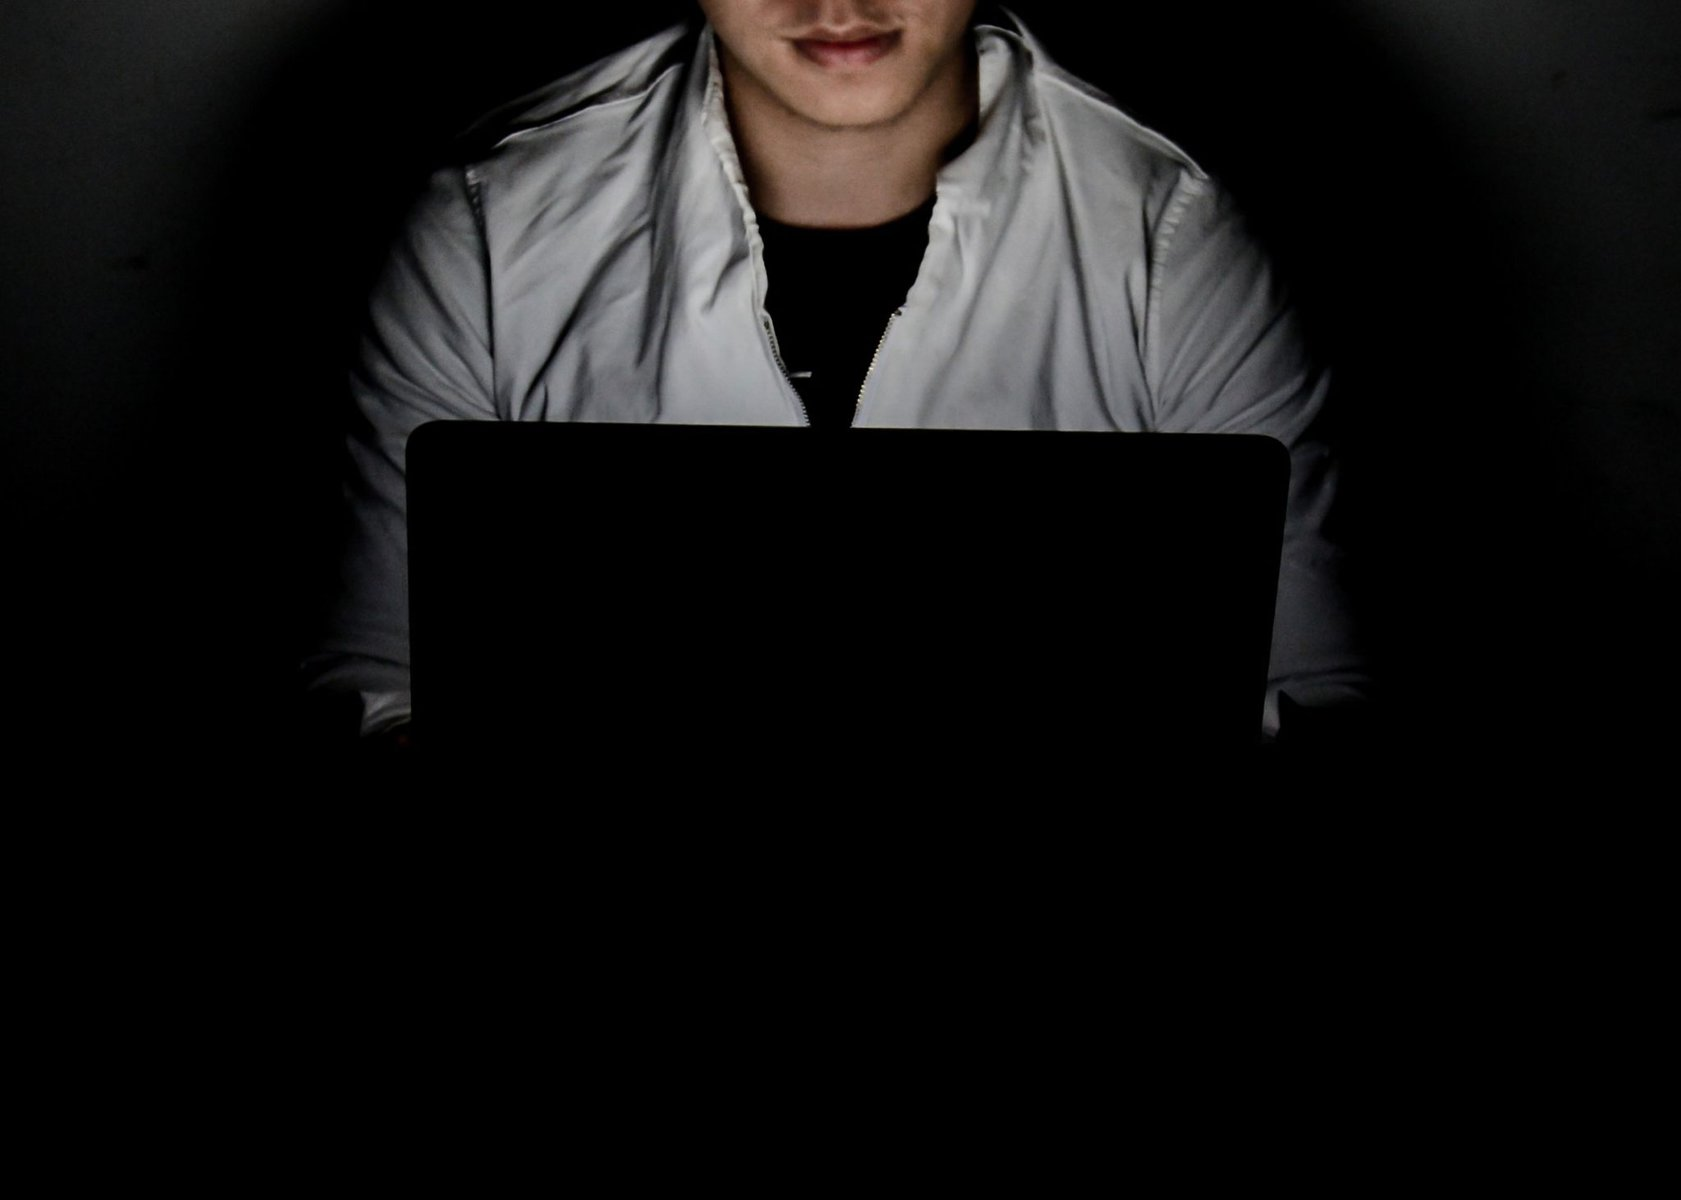 Sind Cyberattacken wirklich eine Gefahr für Ihr Unternehmen?